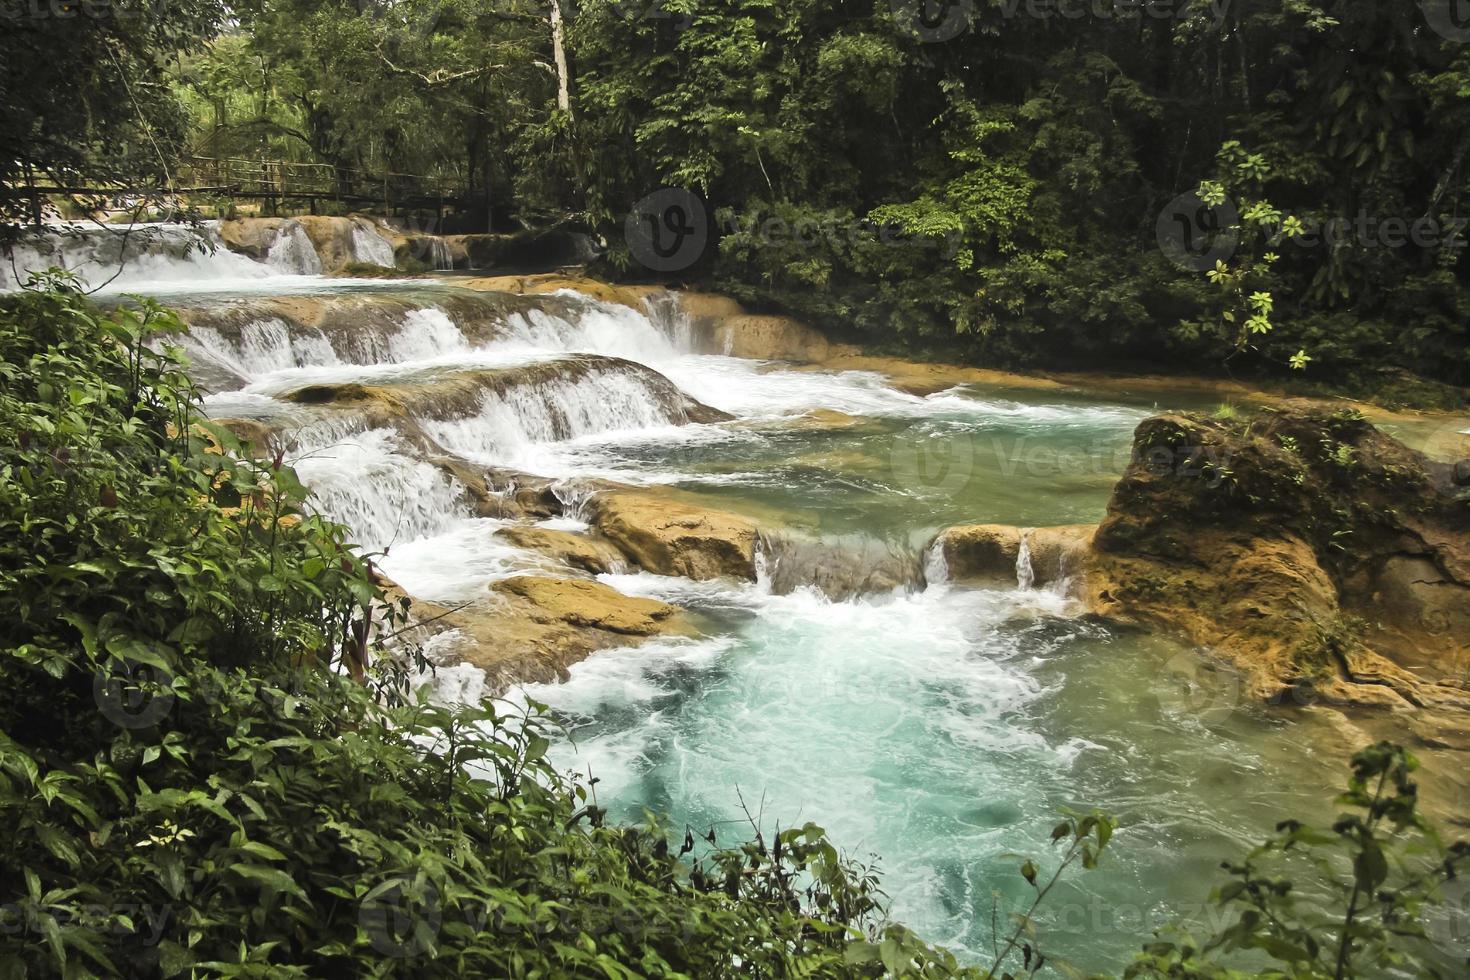 cours de la rivière de l'eau bleue photo